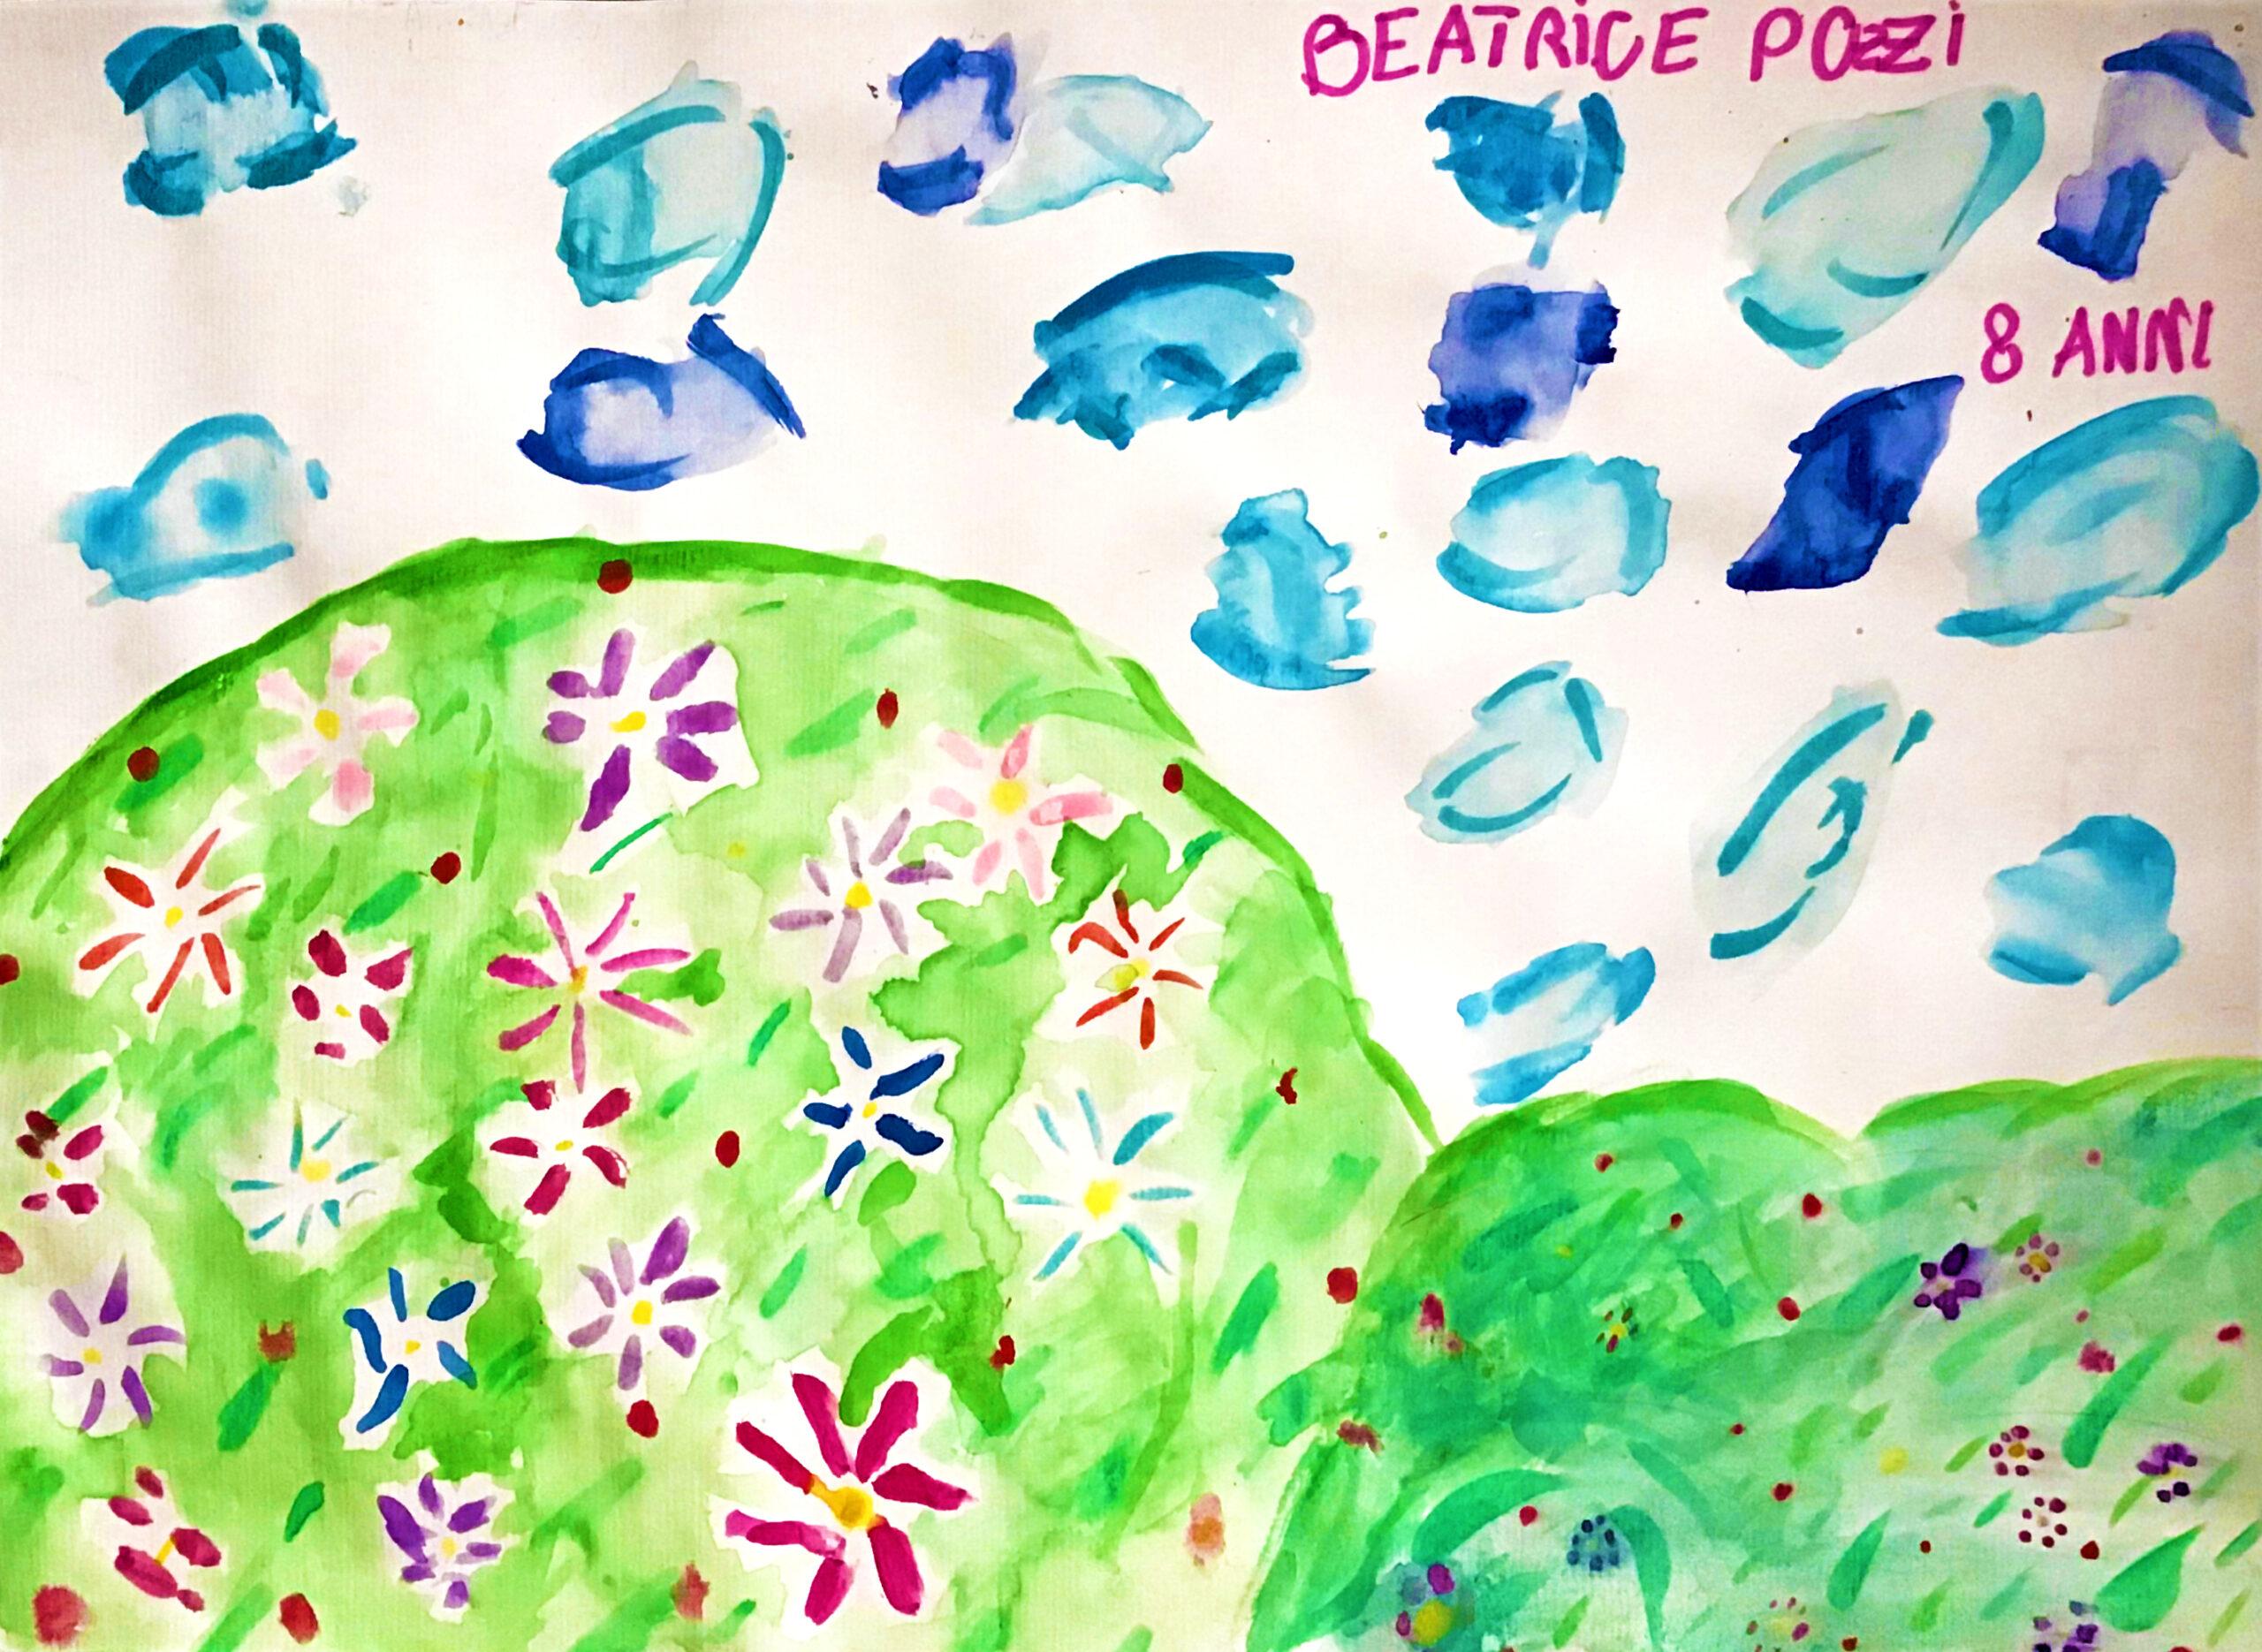 Questo disegno è stato fatto da Beatrice (8 anni)